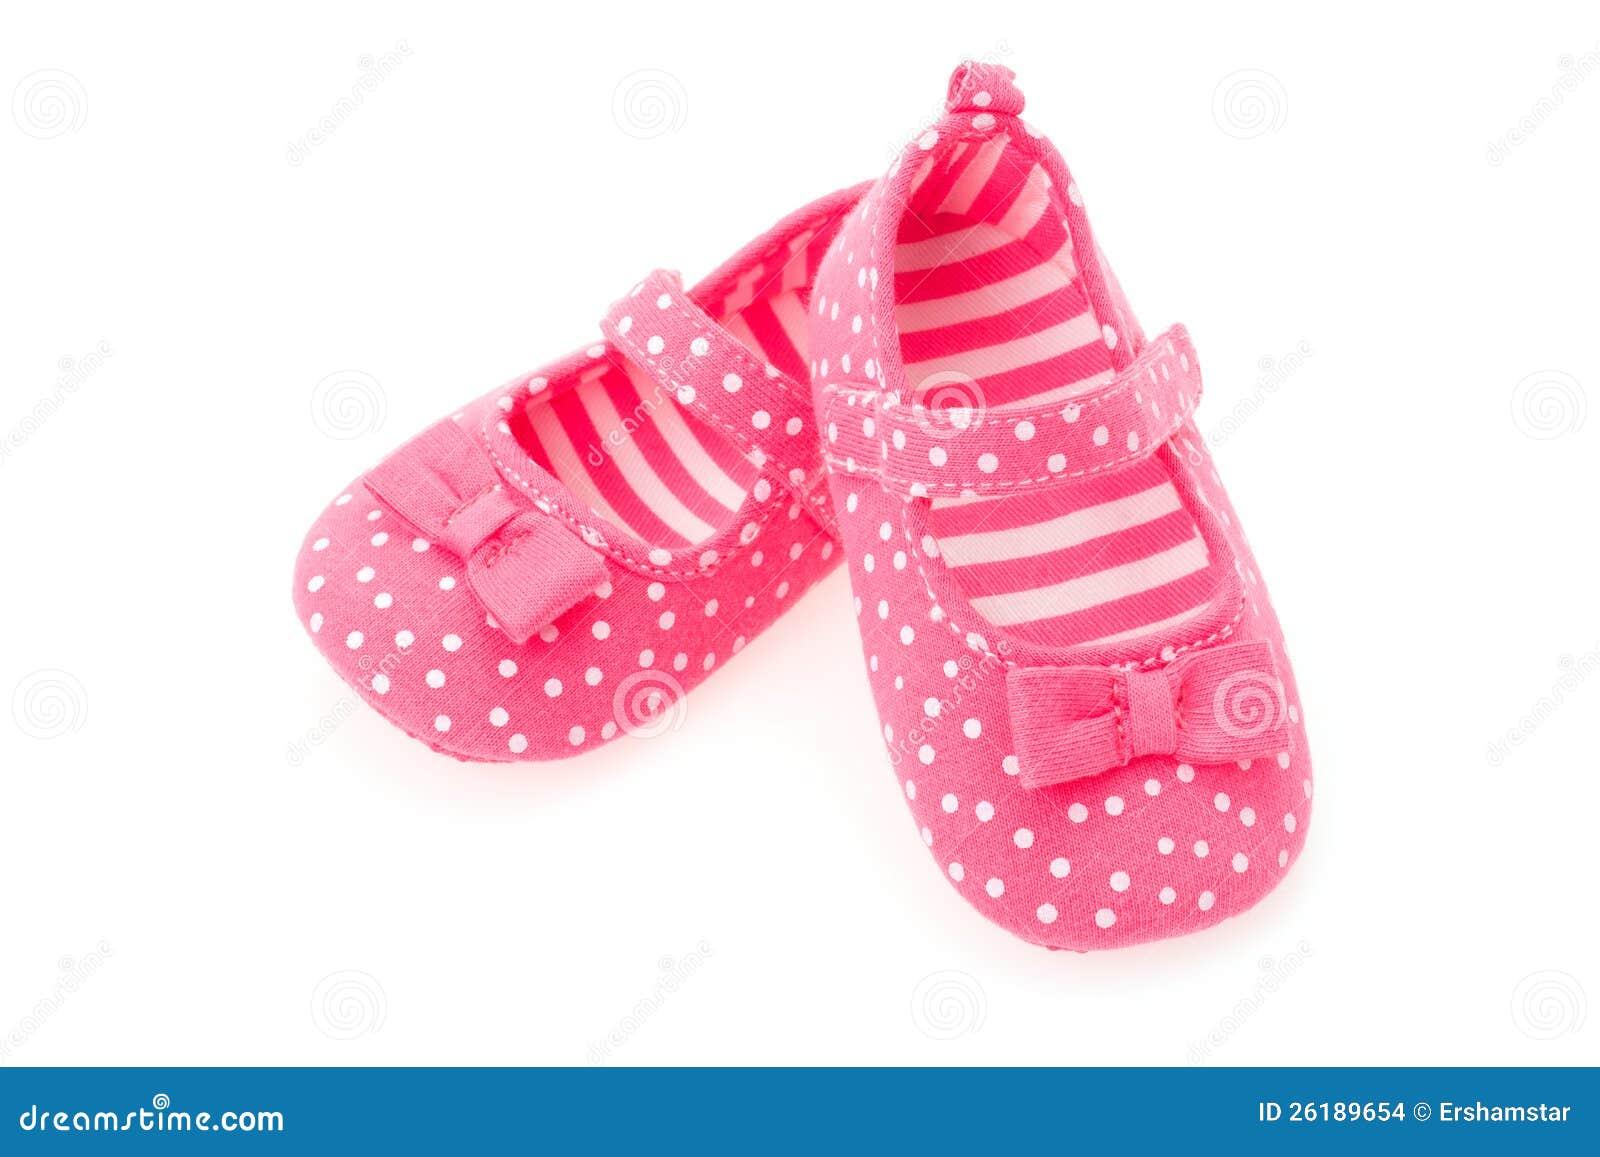 3a04089a6fc Ένα ζευγάρι των ρόδινων παπουτσιών μωρών κοριτσιών - στούντιο που  καλύπτονται με μια άσπρη ανασκόπηση